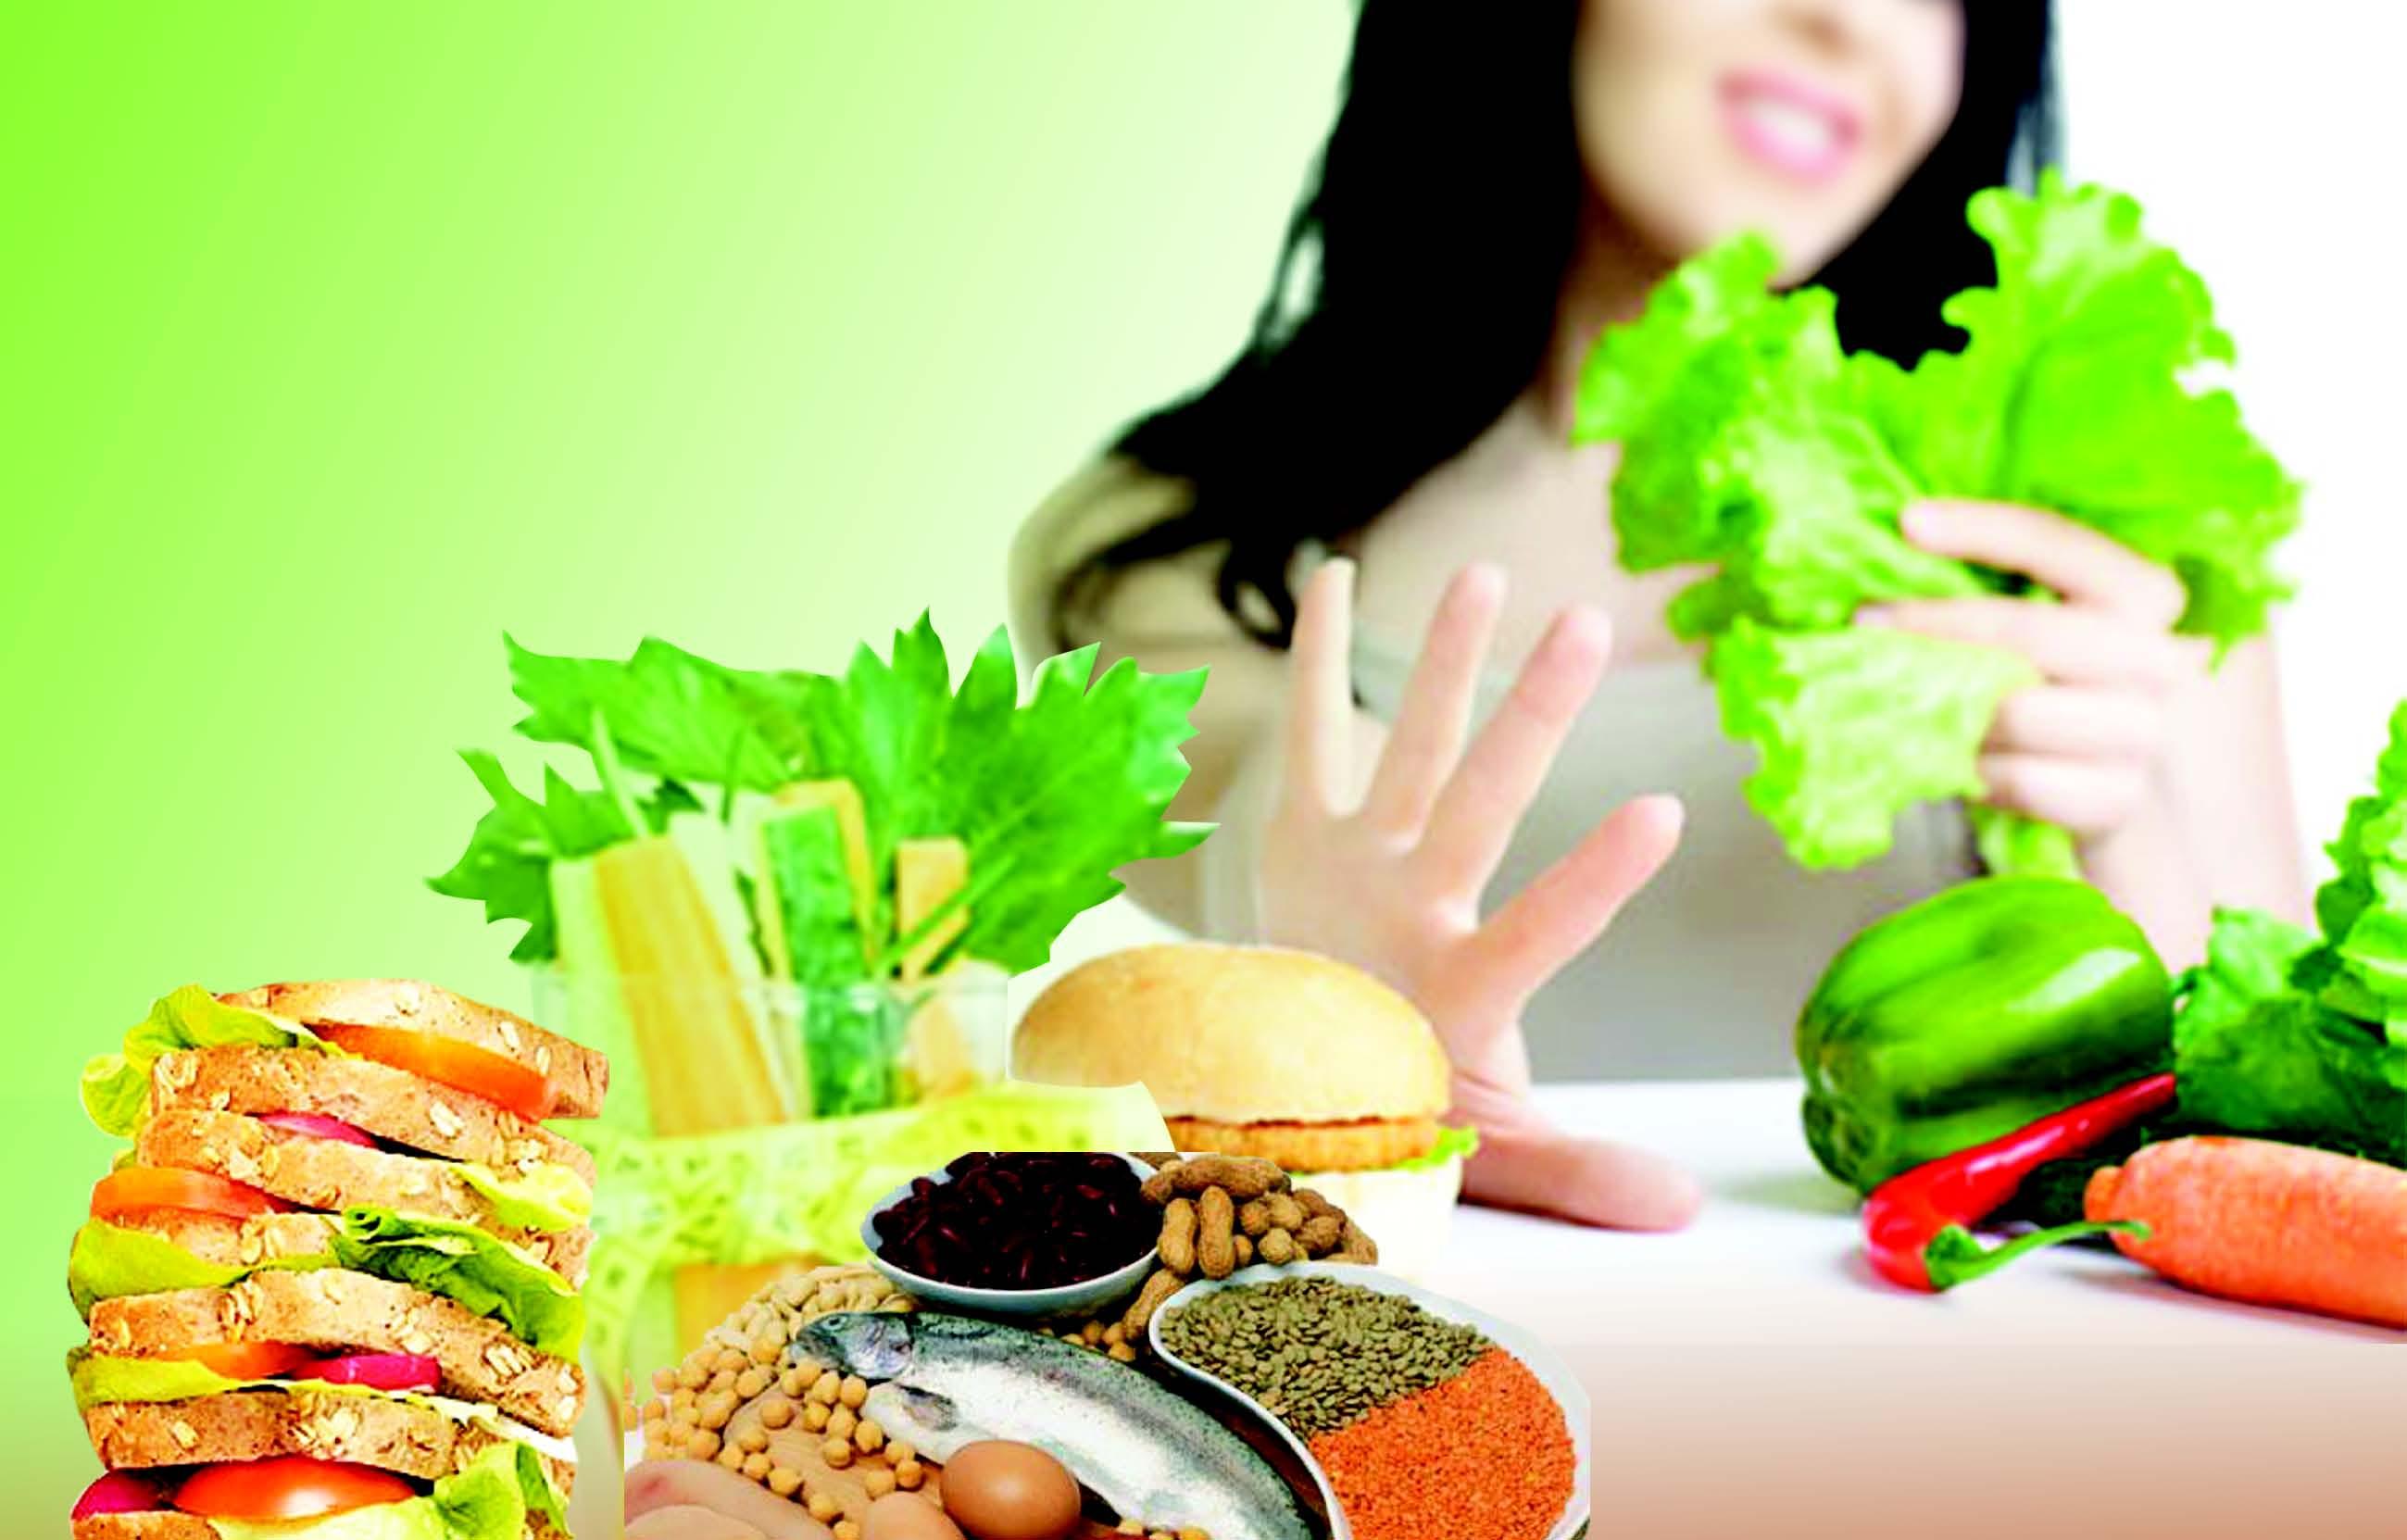 12 cách giảm cân sai thường gặp